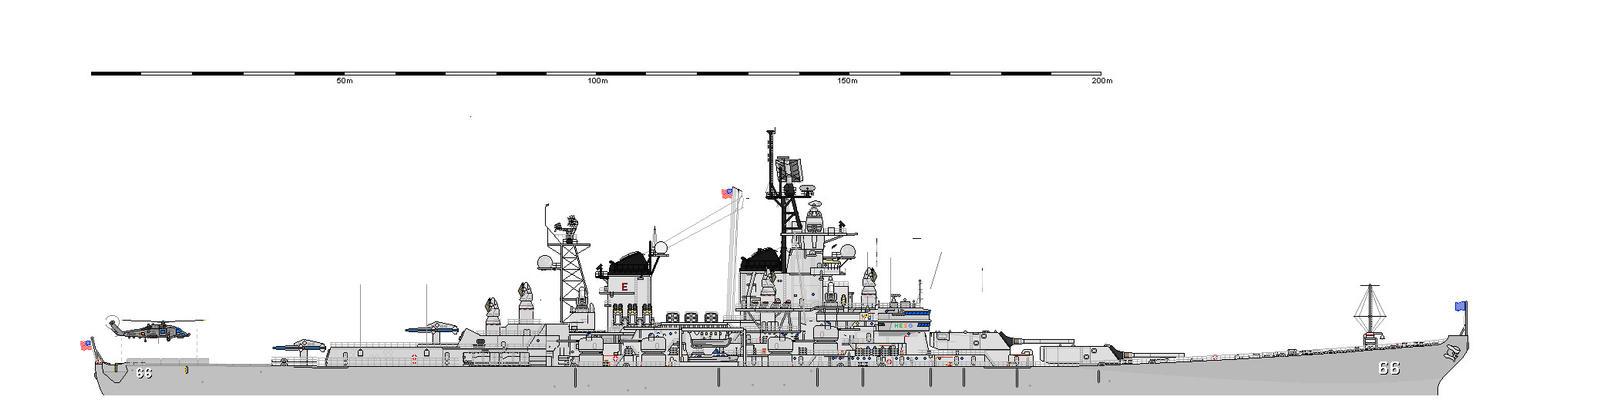 USS Kentucky sketch